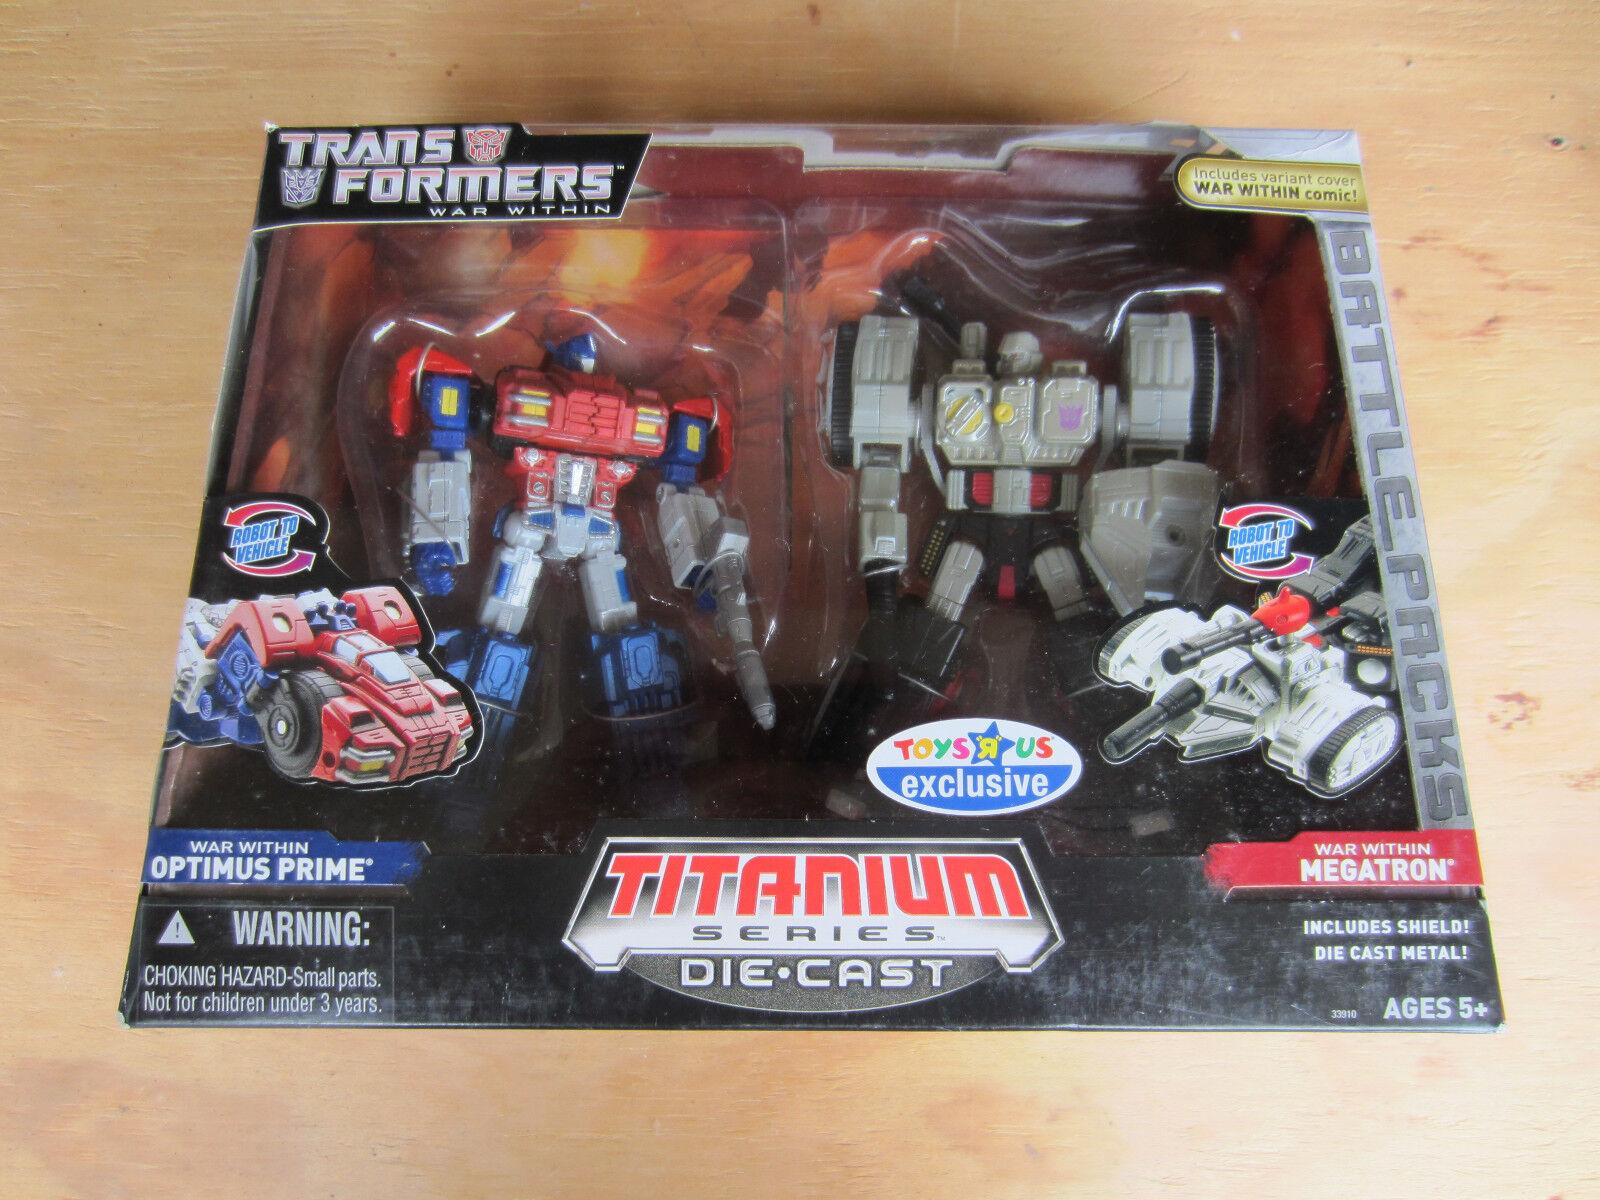 Centro comercial profesional integrado en línea. Transformers Tru Titanio mueren. Fundido Fundido Fundido De Figuras De Acción Optimus Prime Megatron V Nuevo  en stock